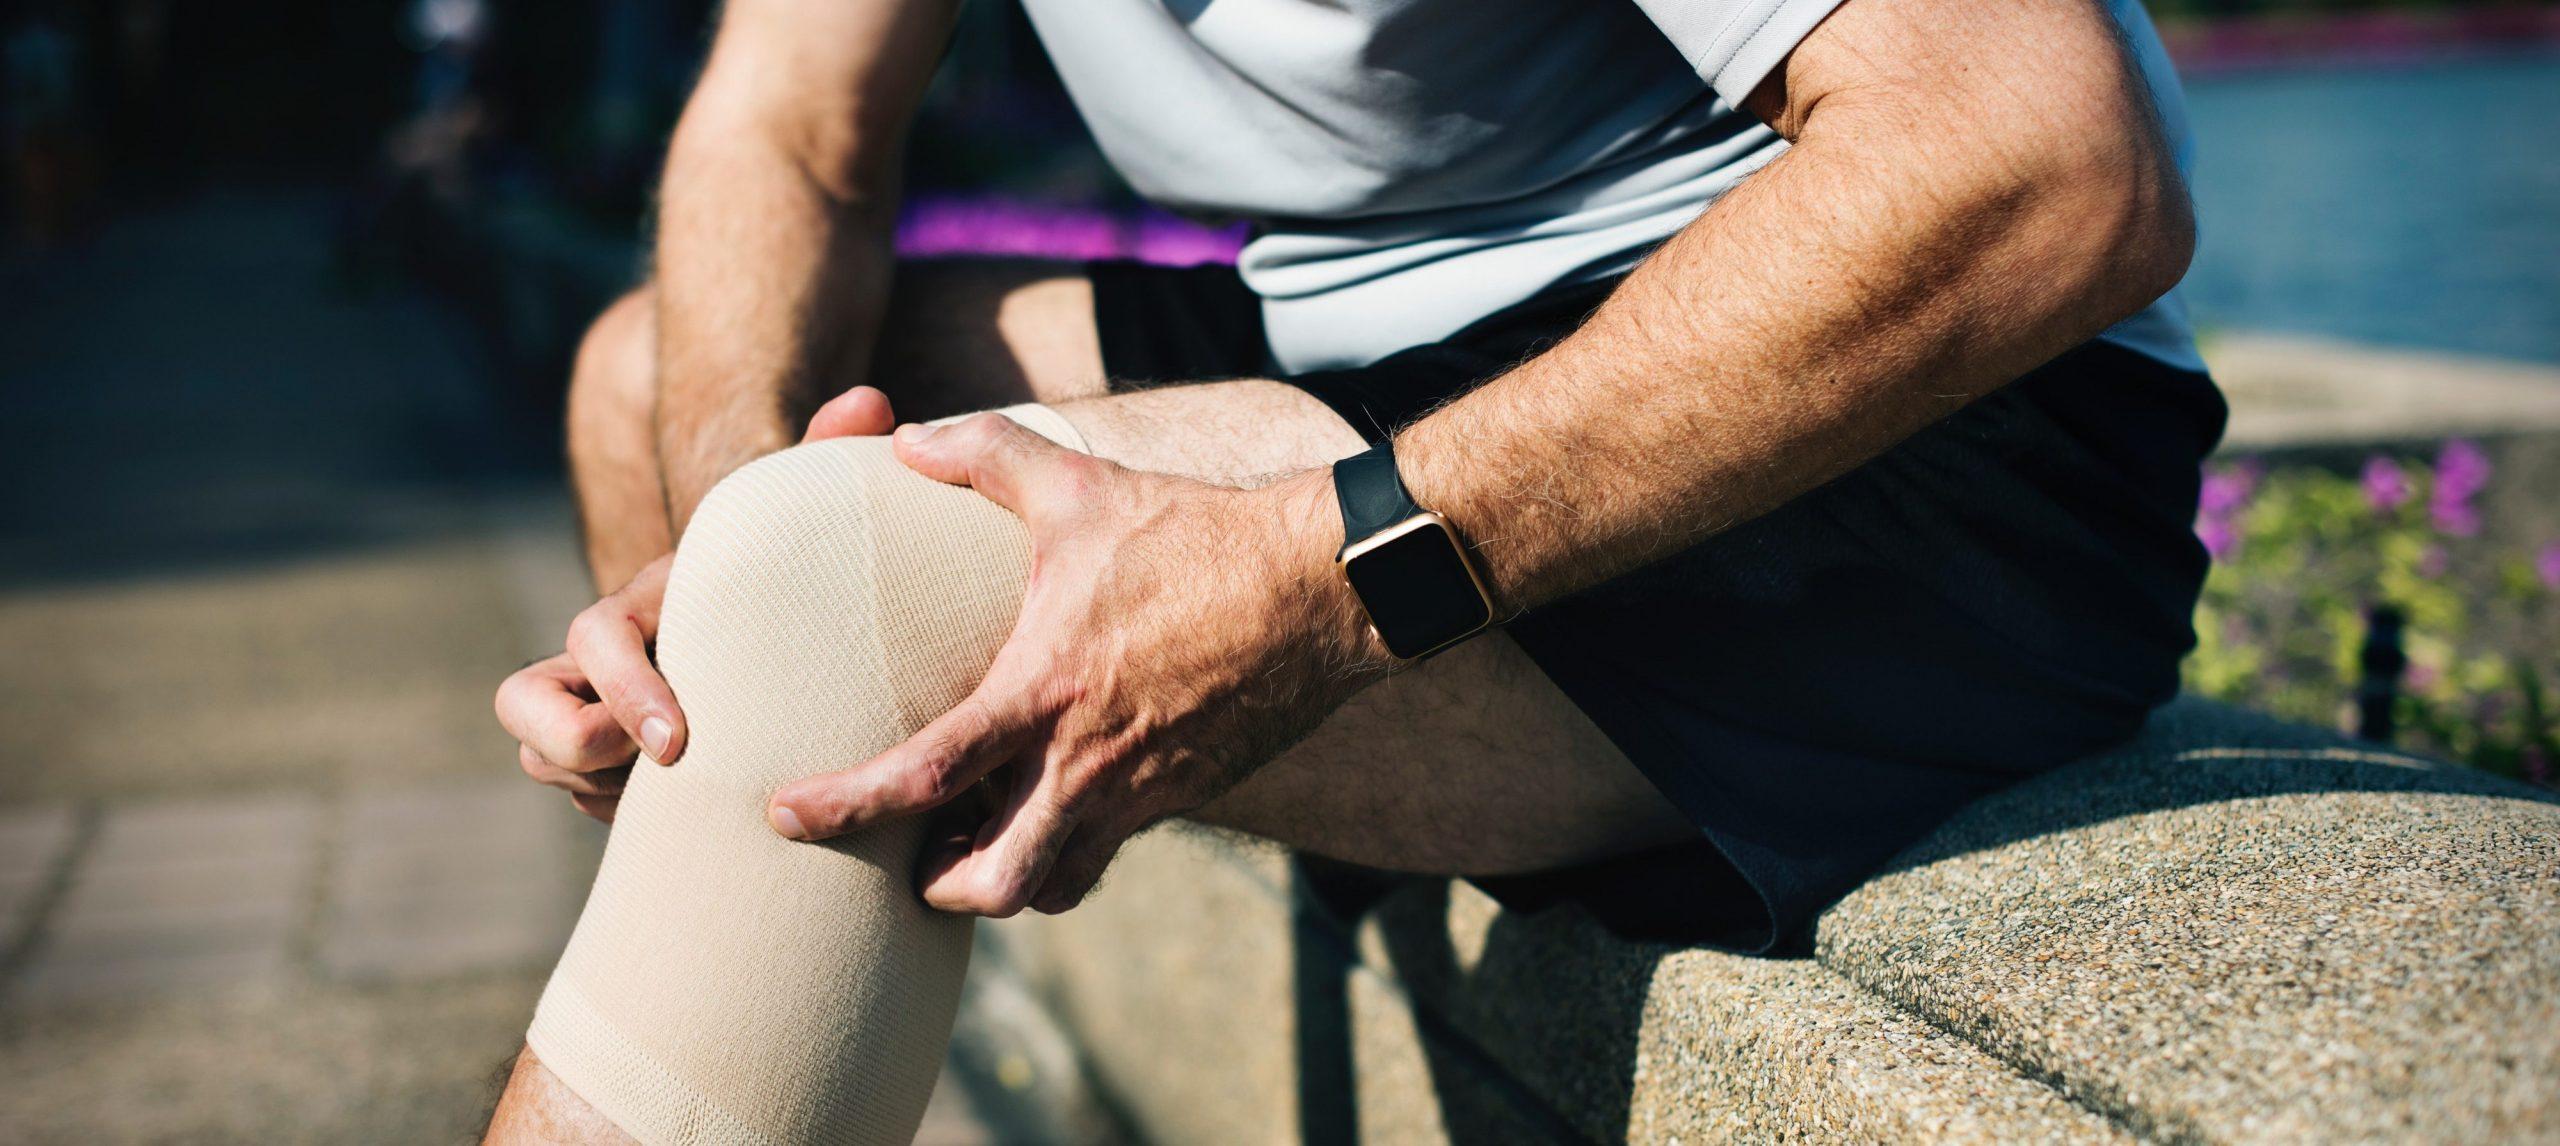 pessoa com psoriase - dor no joelho